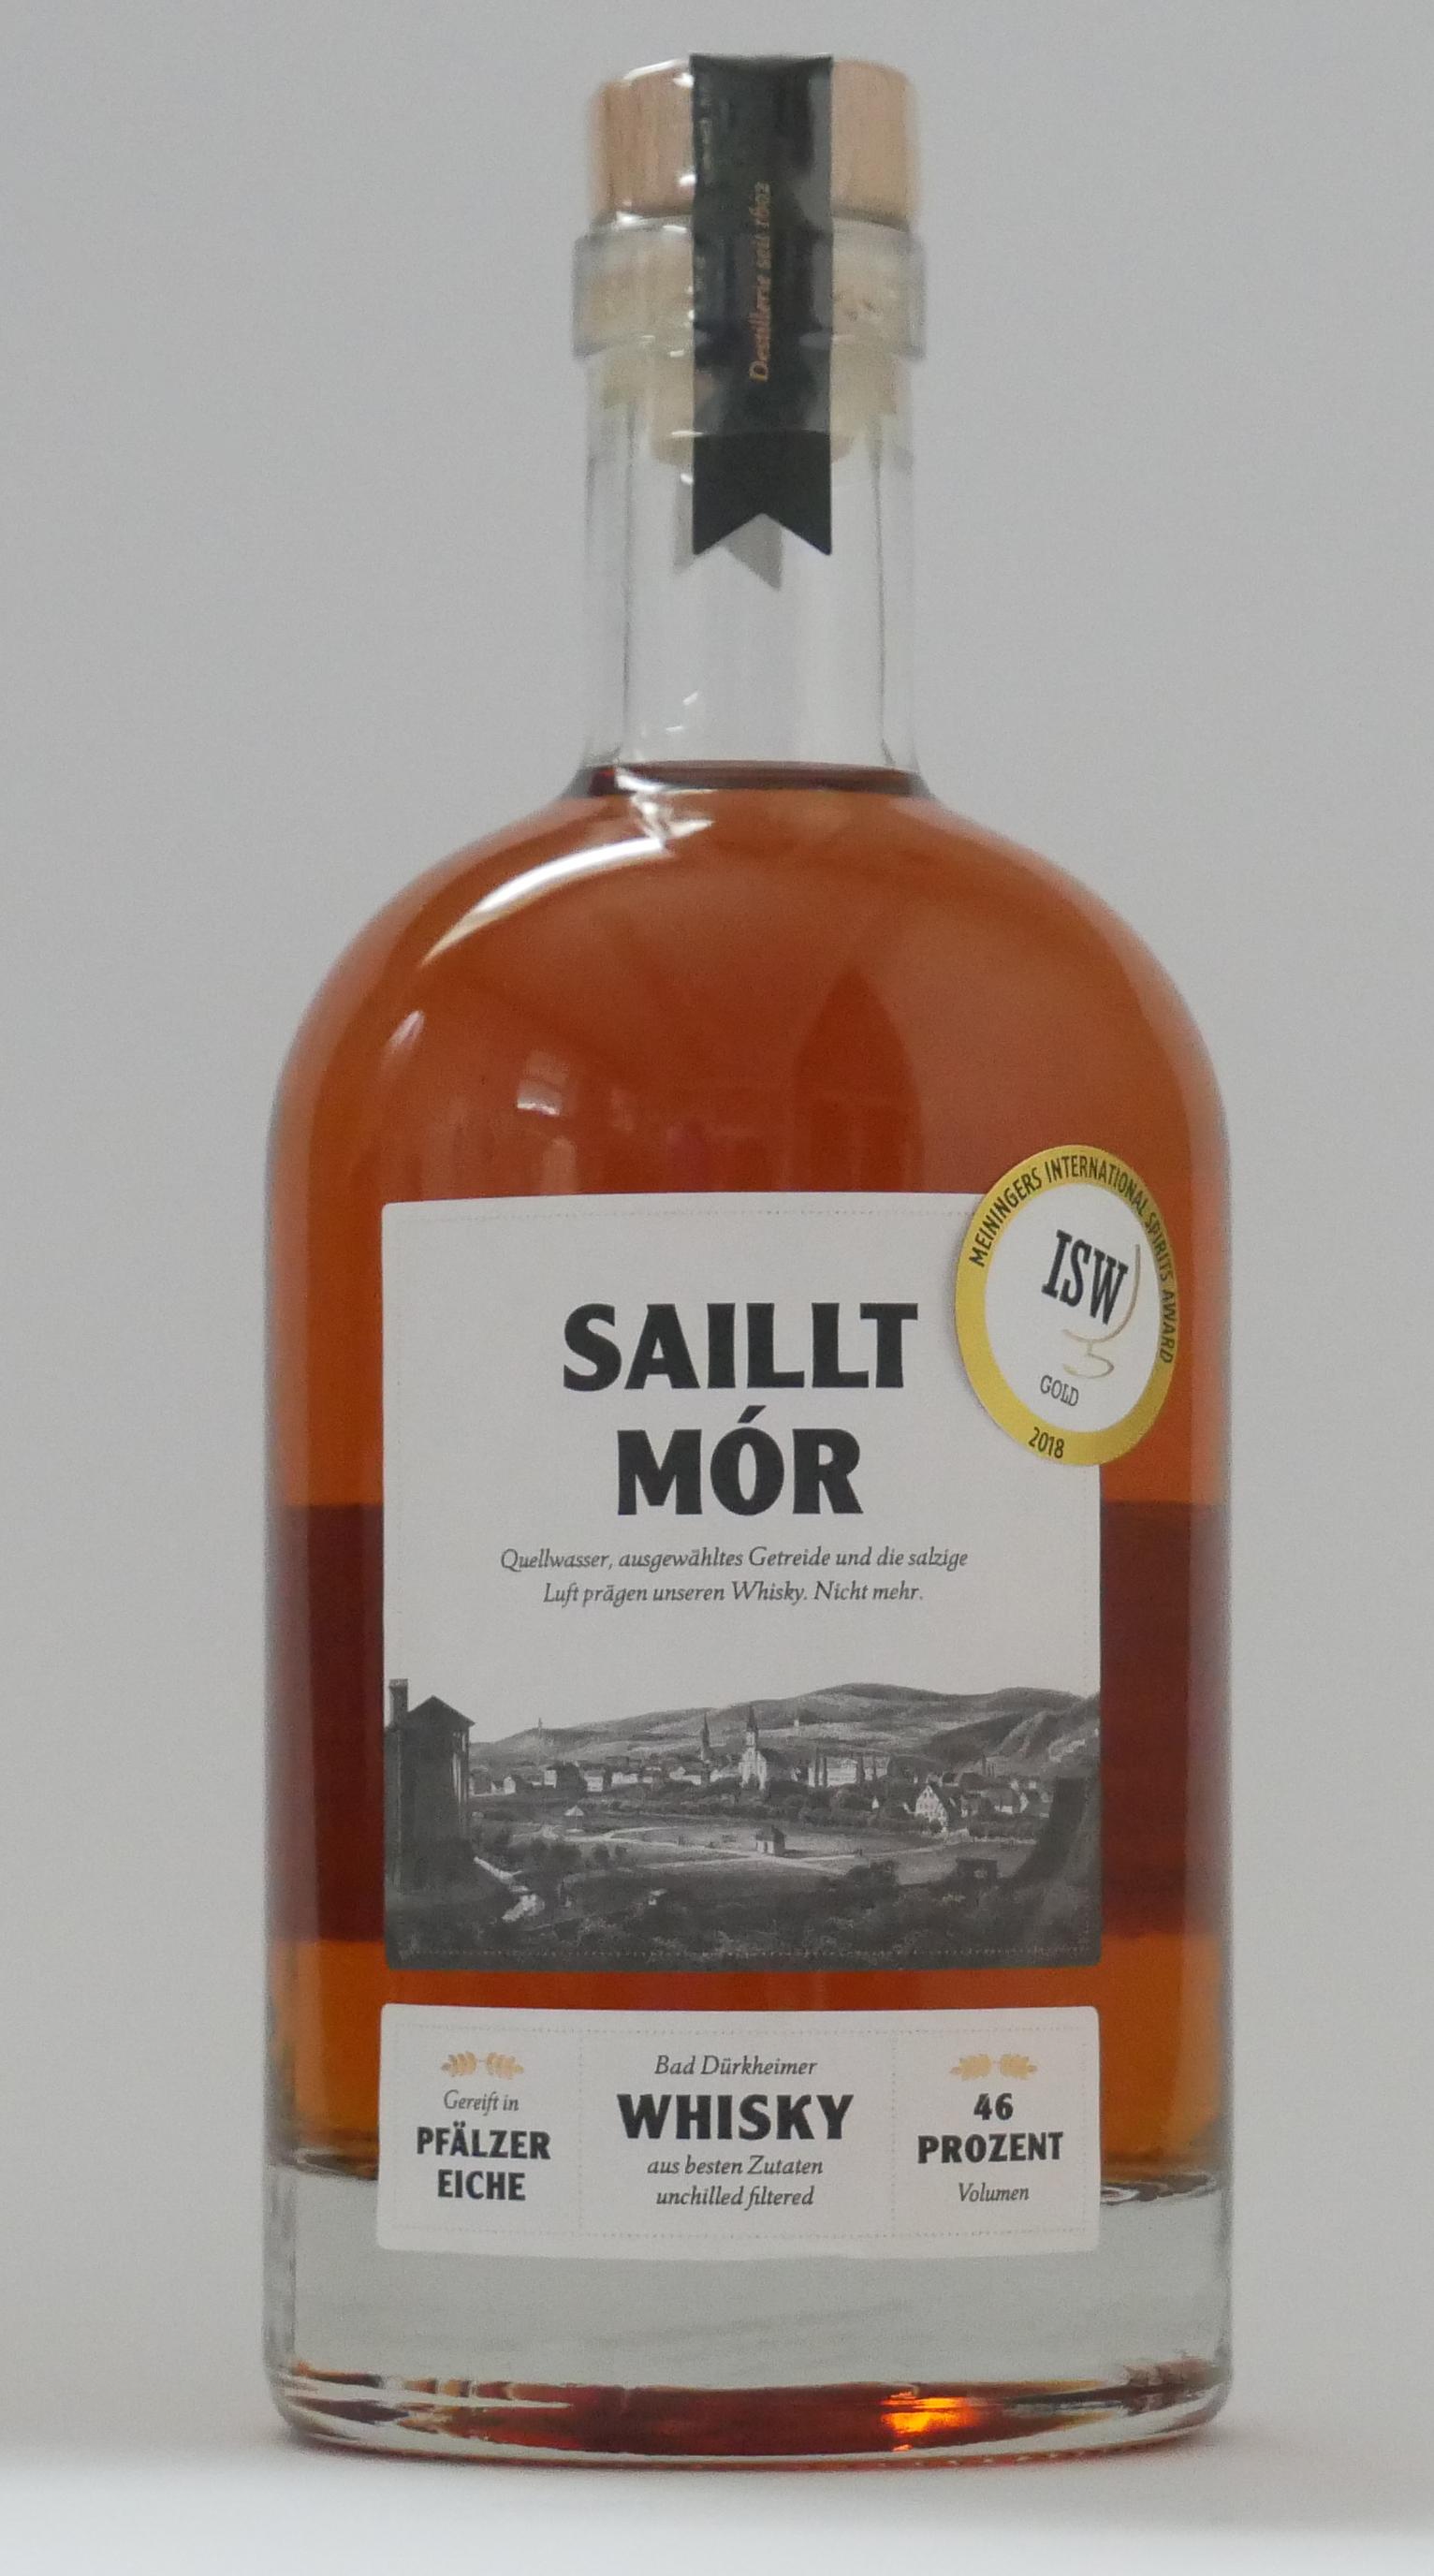 Bild von einee Flasche Saillt Mór 2013